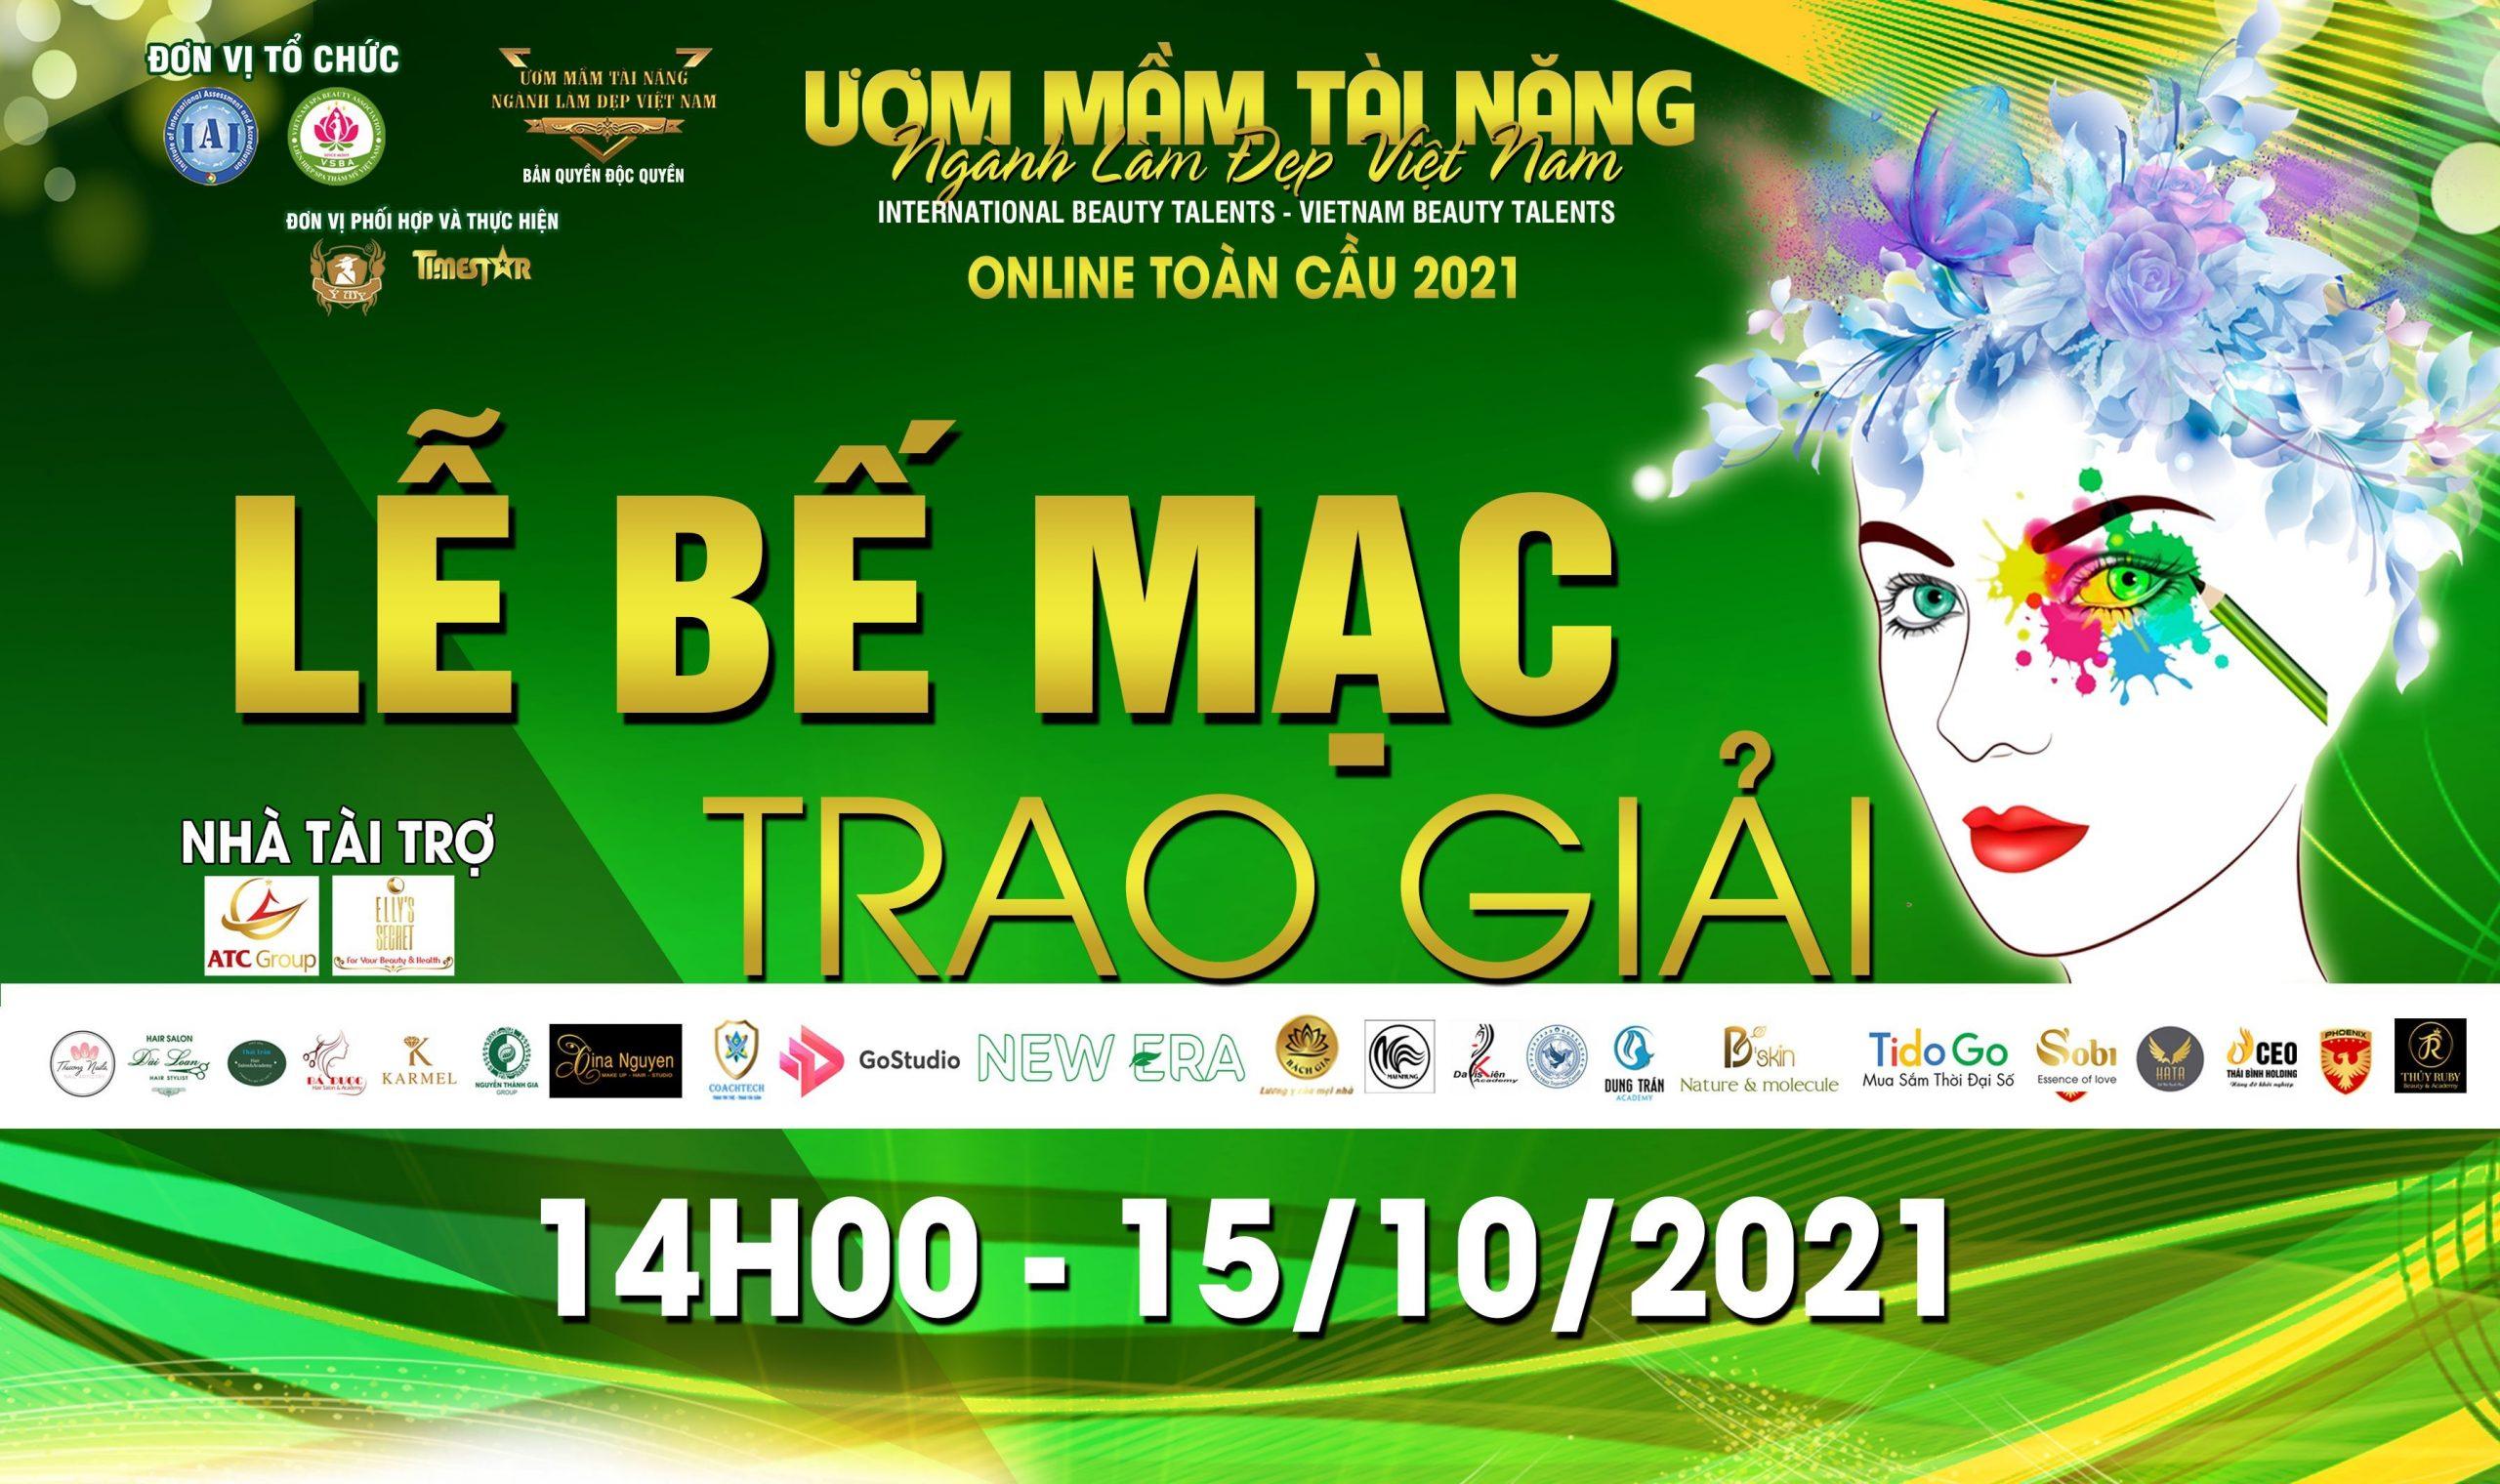 Lễ bế mạc trao giải cuộc thi Ươm mầm tài năng ngành làm đẹp Việt Nam 2021 Online